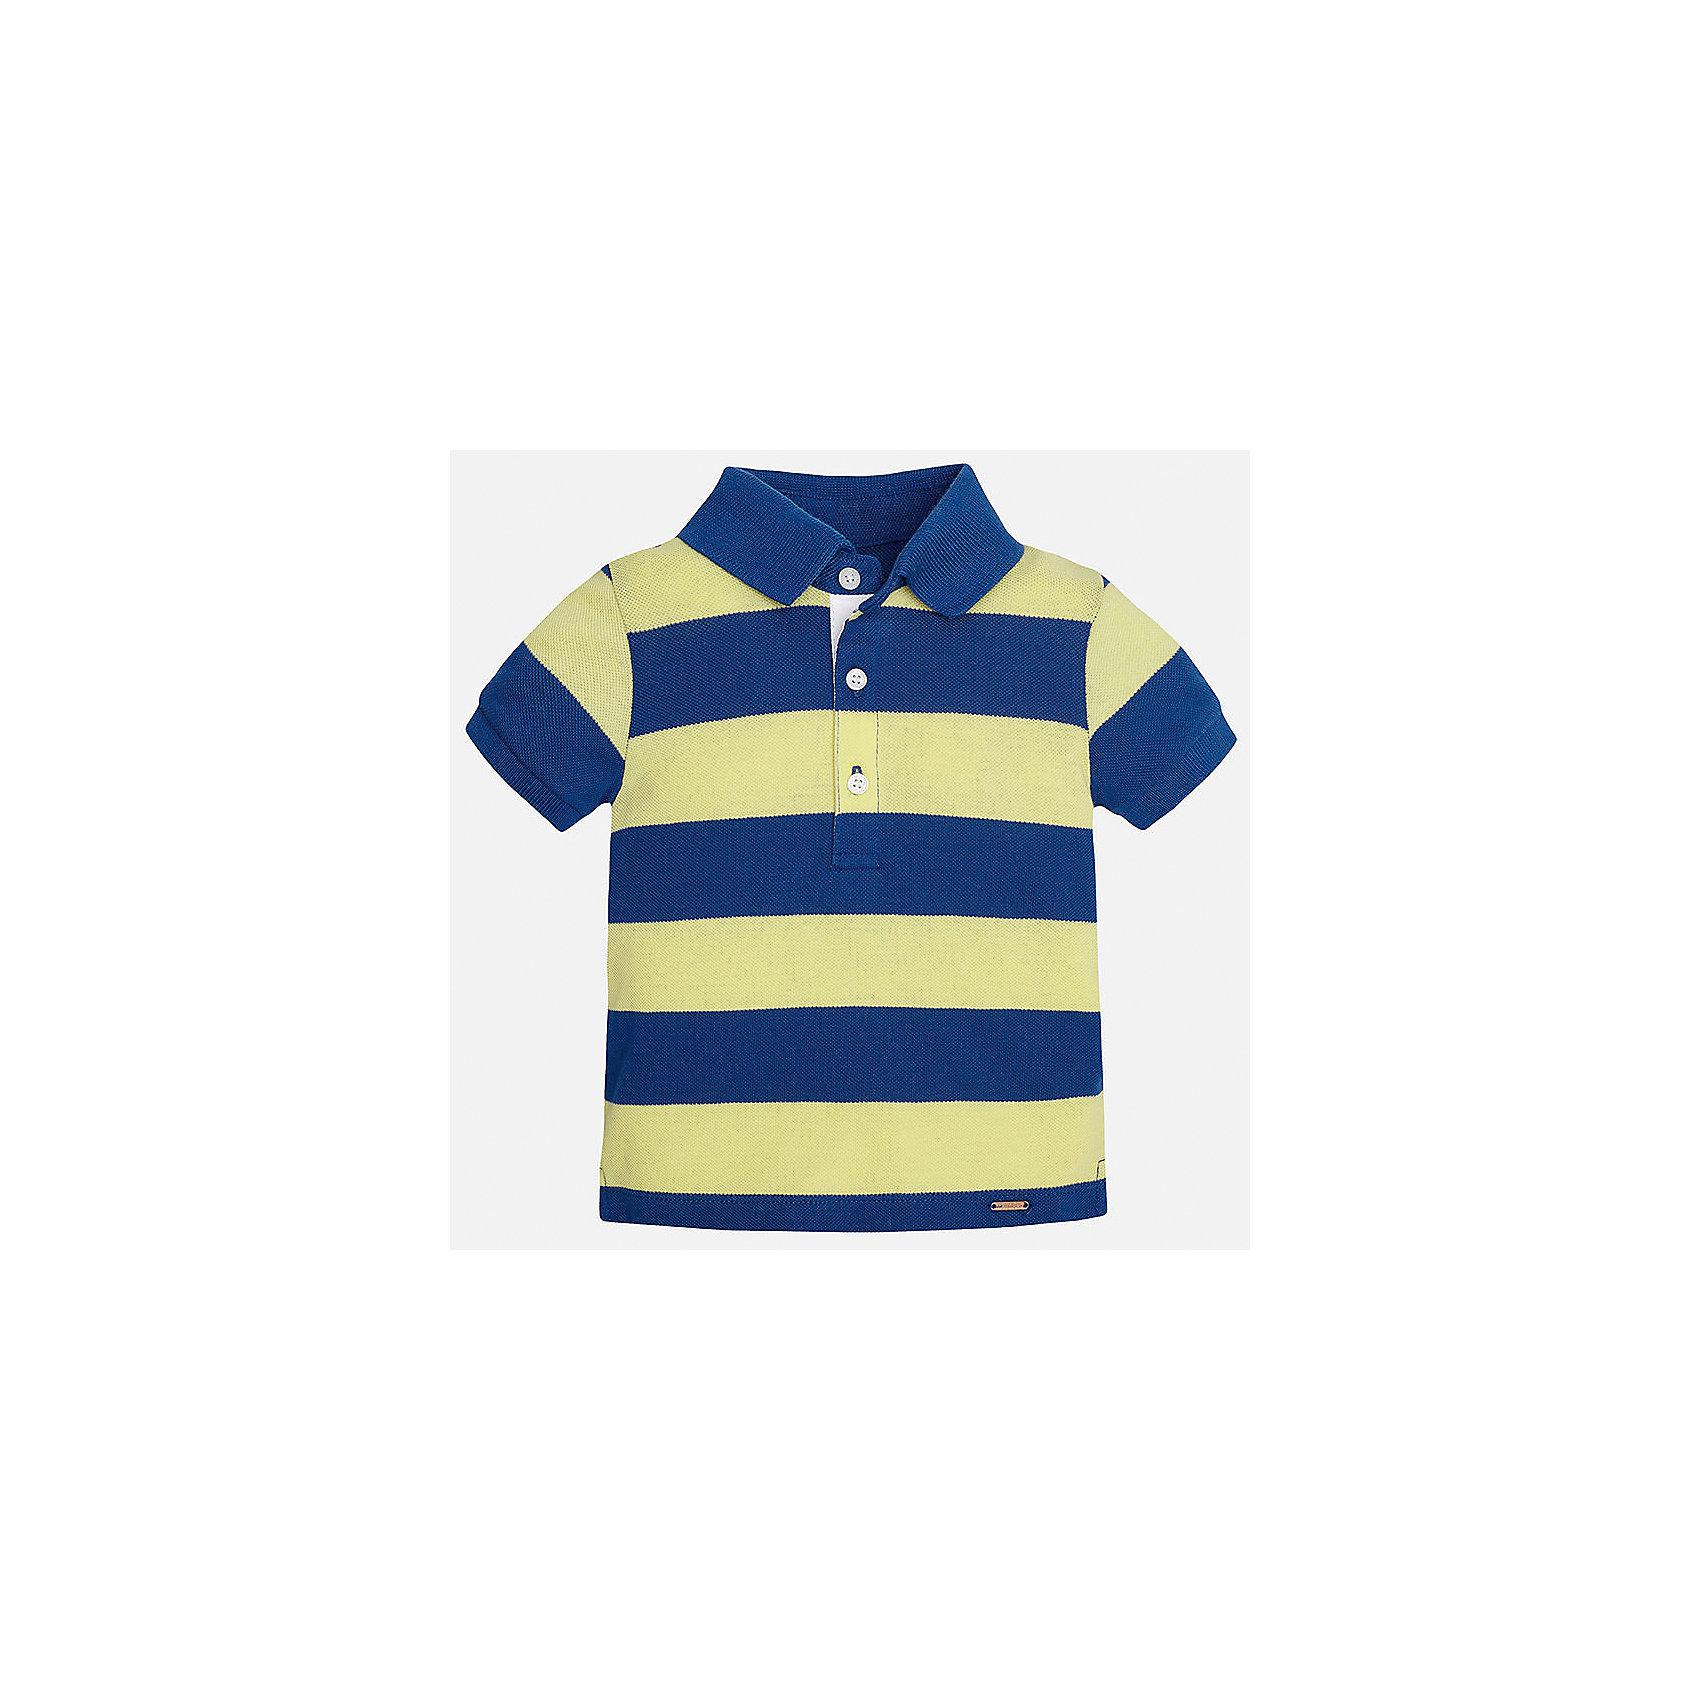 Футболка-поло для мальчика MayoralФутболки, топы<br>Характеристики товара:<br><br>• цвет: желтый/синий<br>• состав: 100% хлопок<br>• отложной воротник<br>• короткие рукава<br>• застежка: пуговицы<br>• декорирована вышивкой<br>• страна бренда: Испания<br><br>Модная футболка-поло для мальчика может стать базовой вещью в гардеробе ребенка. Она отлично сочетается с брюками, шортами, джинсами и т.д. Универсальный крой и цвет позволяет подобрать к вещи низ разных расцветок. Практичное и стильное изделие! В составе материала - только натуральный хлопок, гипоаллергенный, приятный на ощупь, дышащий.<br><br>Одежда, обувь и аксессуары от испанского бренда Mayoral полюбились детям и взрослым по всему миру. Модели этой марки - стильные и удобные. Для их производства используются только безопасные, качественные материалы и фурнитура. Порадуйте ребенка модными и красивыми вещами от Mayoral! <br><br>Футболку-поло для мальчика от испанского бренда Mayoral (Майорал) можно купить в нашем интернет-магазине.<br><br>Ширина мм: 230<br>Глубина мм: 40<br>Высота мм: 220<br>Вес г: 250<br>Цвет: оранжевый<br>Возраст от месяцев: 12<br>Возраст до месяцев: 15<br>Пол: Мужской<br>Возраст: Детский<br>Размер: 80,92,86<br>SKU: 5279426